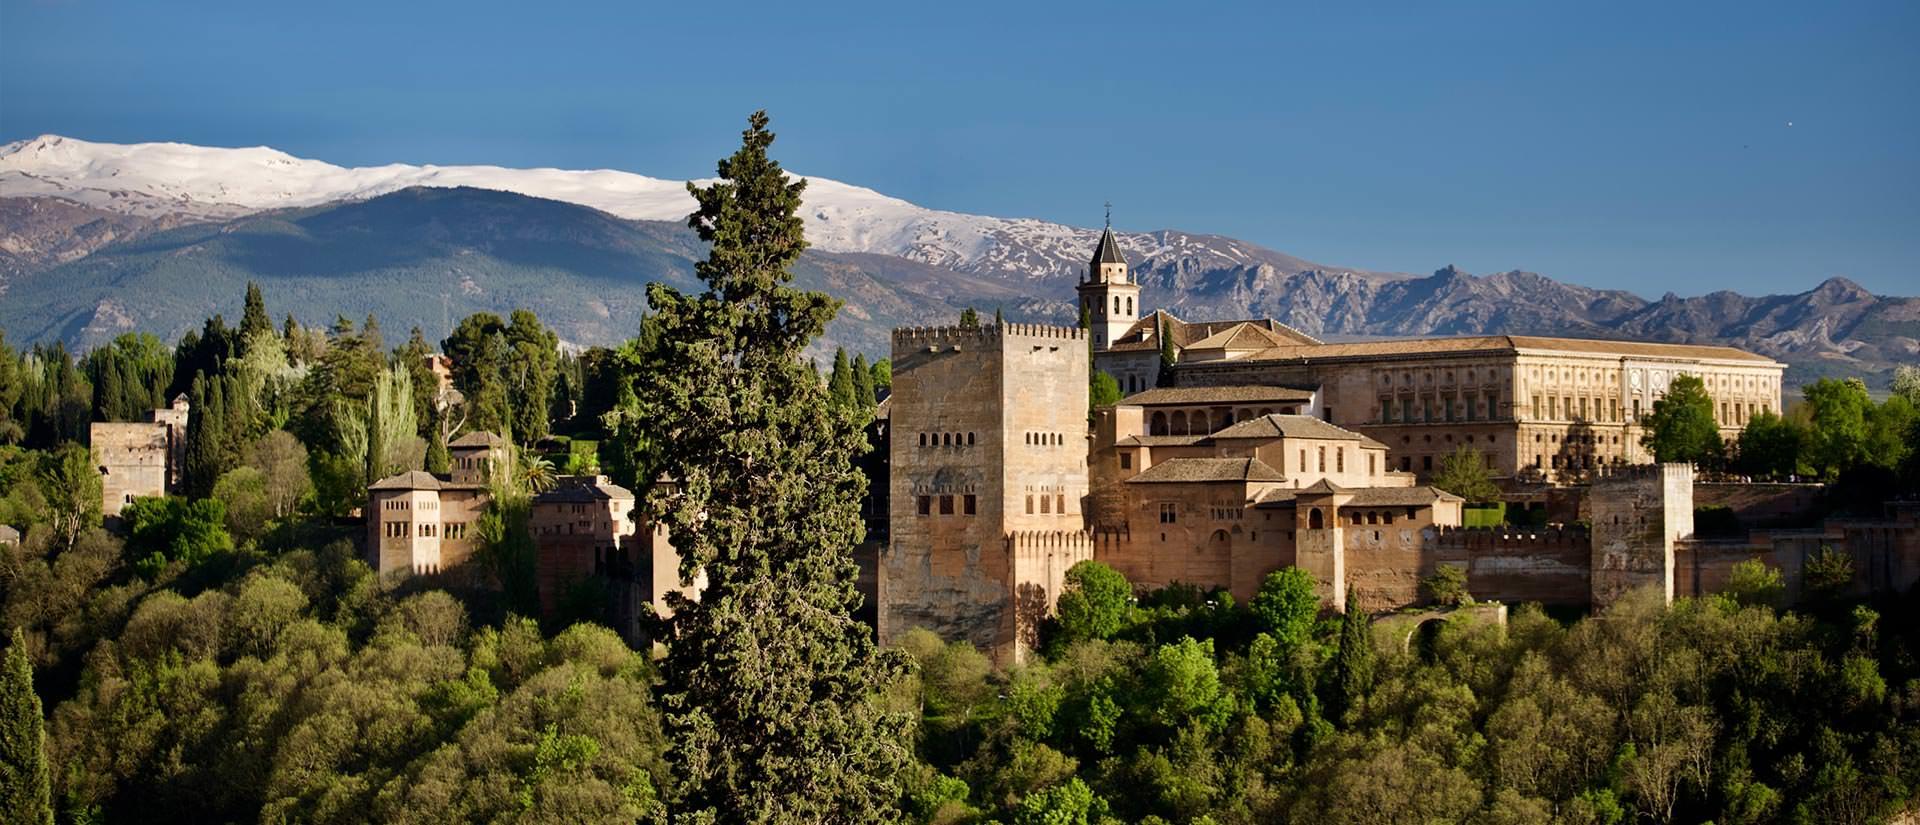 עשרה דברים מעניינים שכדאי לדעת על ספרד